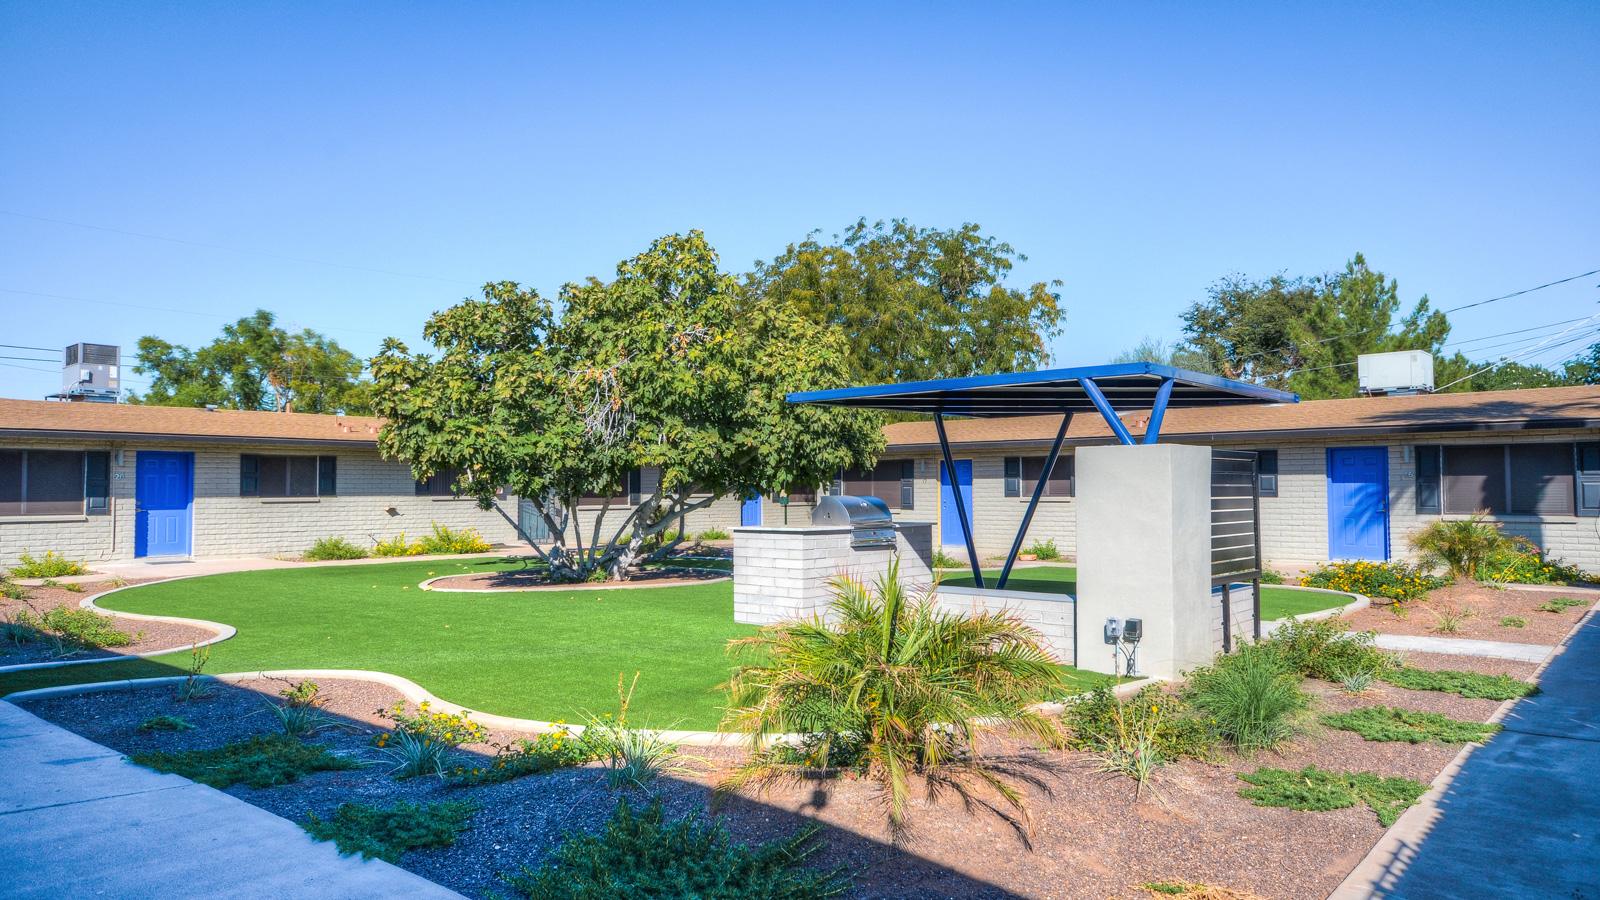 Arcadia Edge Apartments | 3120 - 3130 North 39th Street, Phoenix, AZ 85018 | 23 Units | Built in 1967 | Renovated 2017 | $4,350,000 | $189,130 Per Unit | $235.53 Per SF